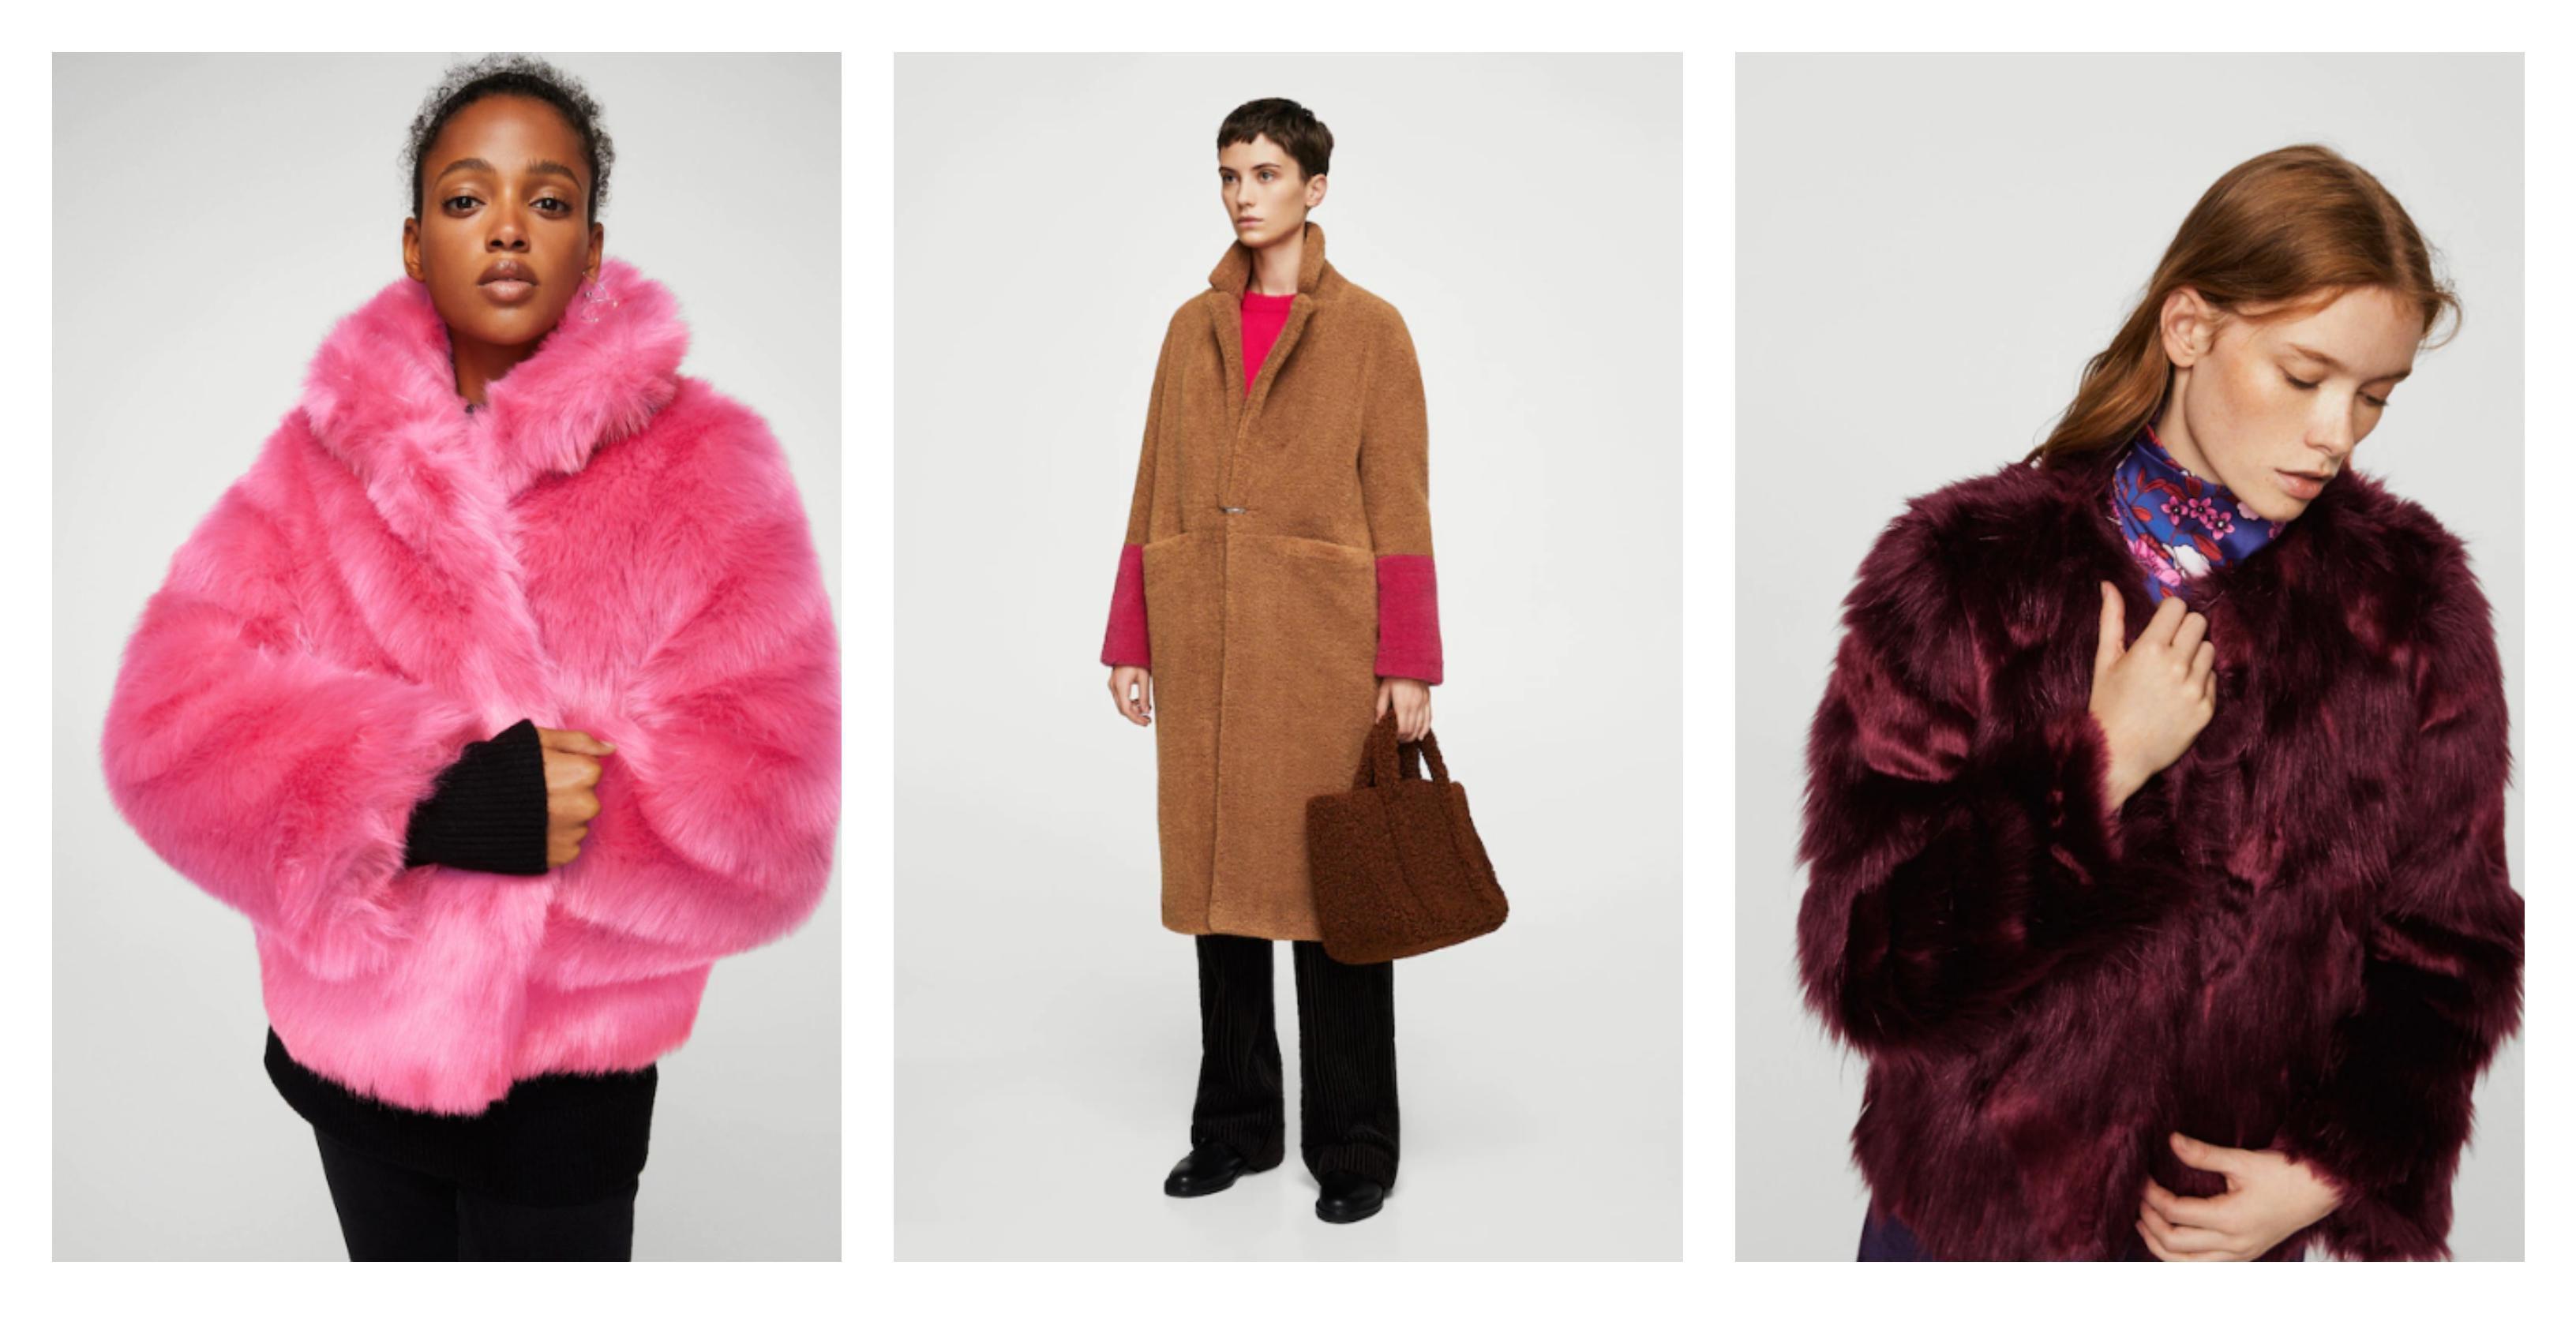 Idemo u zimski shopping: U Mango Outletu smo pronašli genijalne bunde i kapute po pristupačnim cijenama!